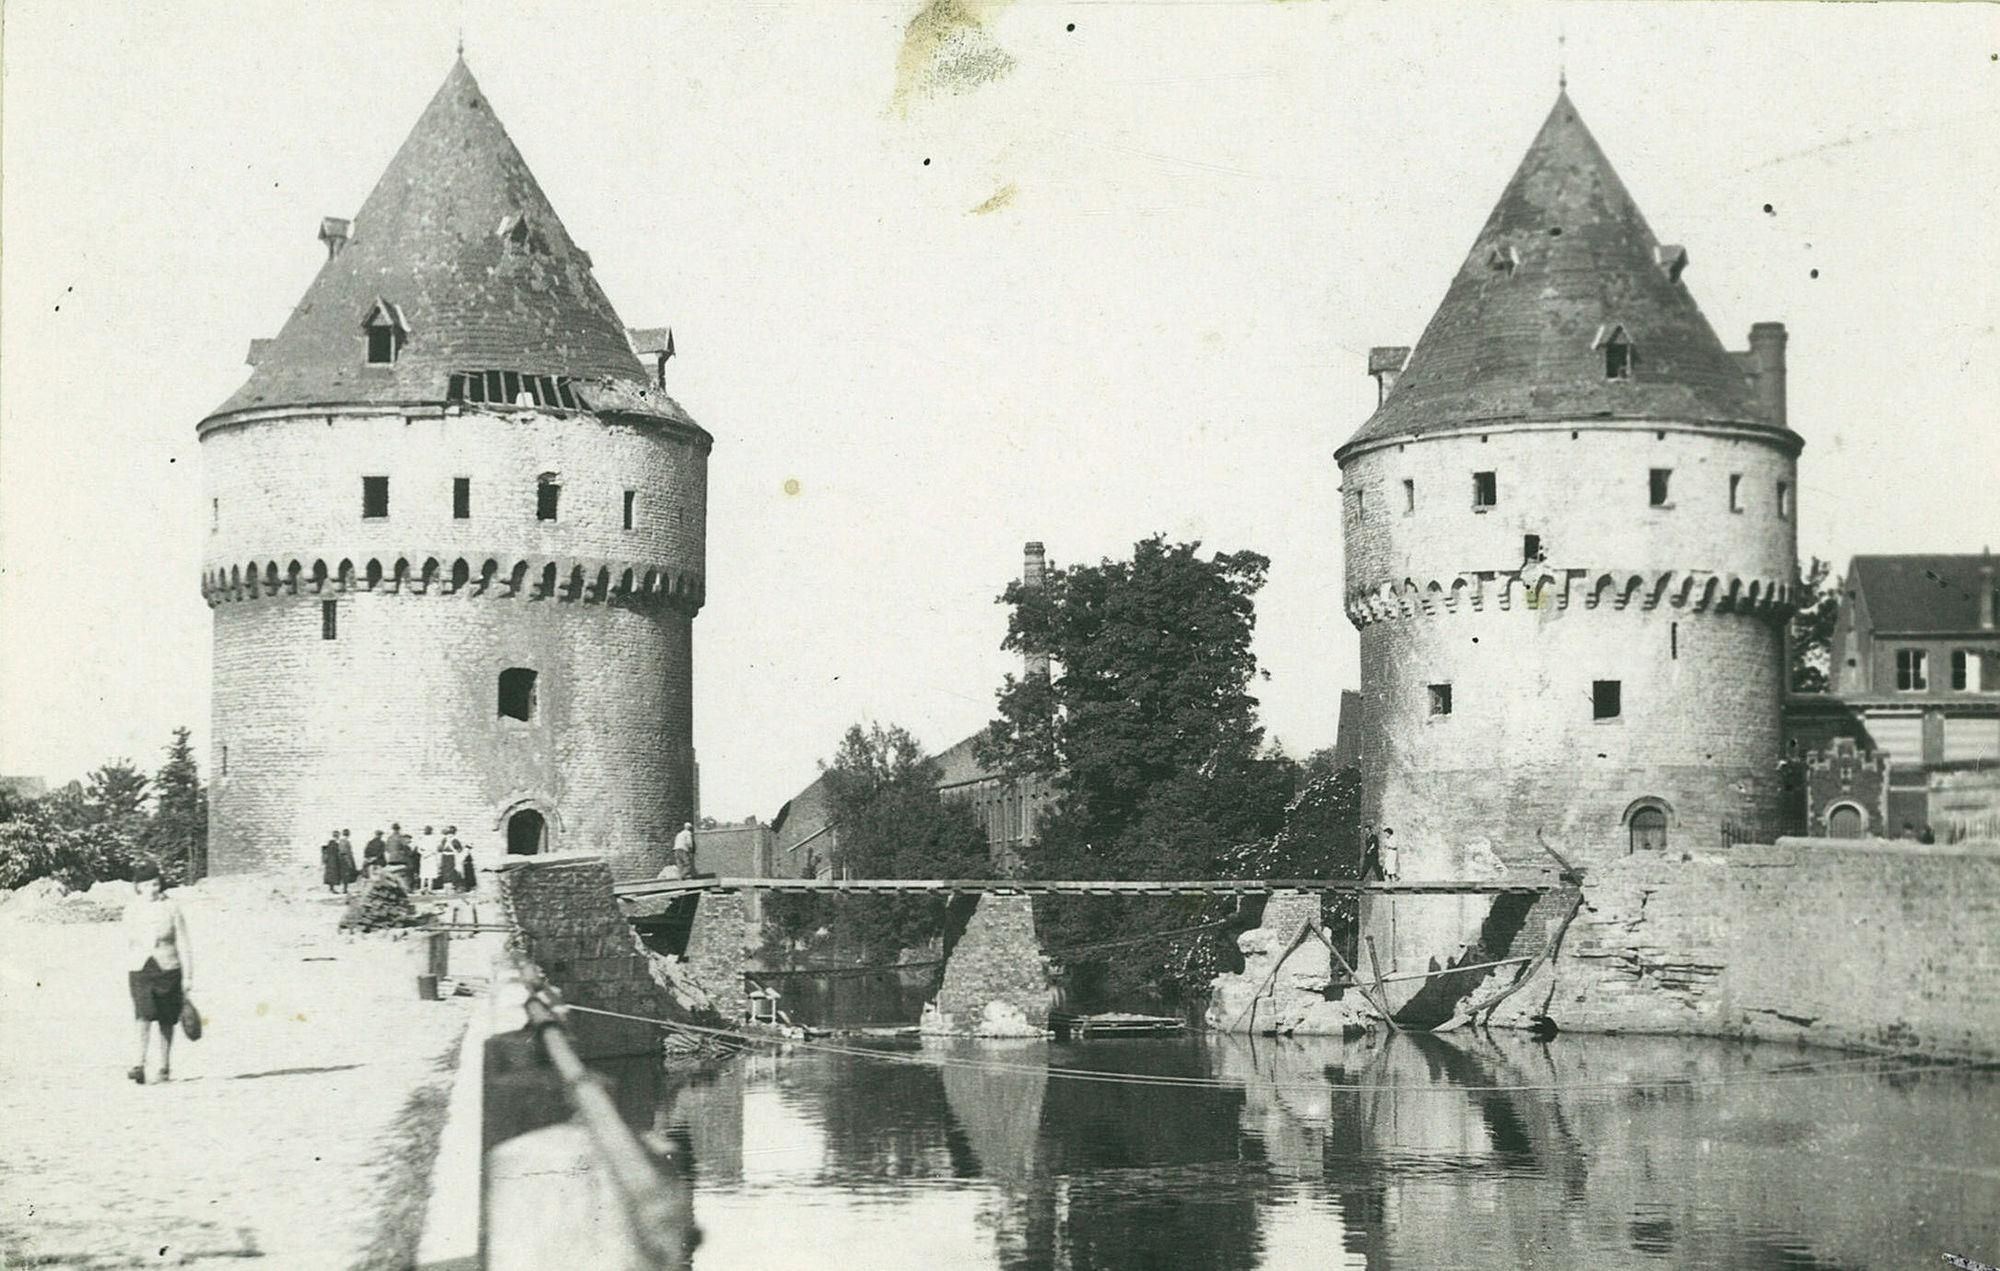 De noodbrug aan de Broeltorens in 1940